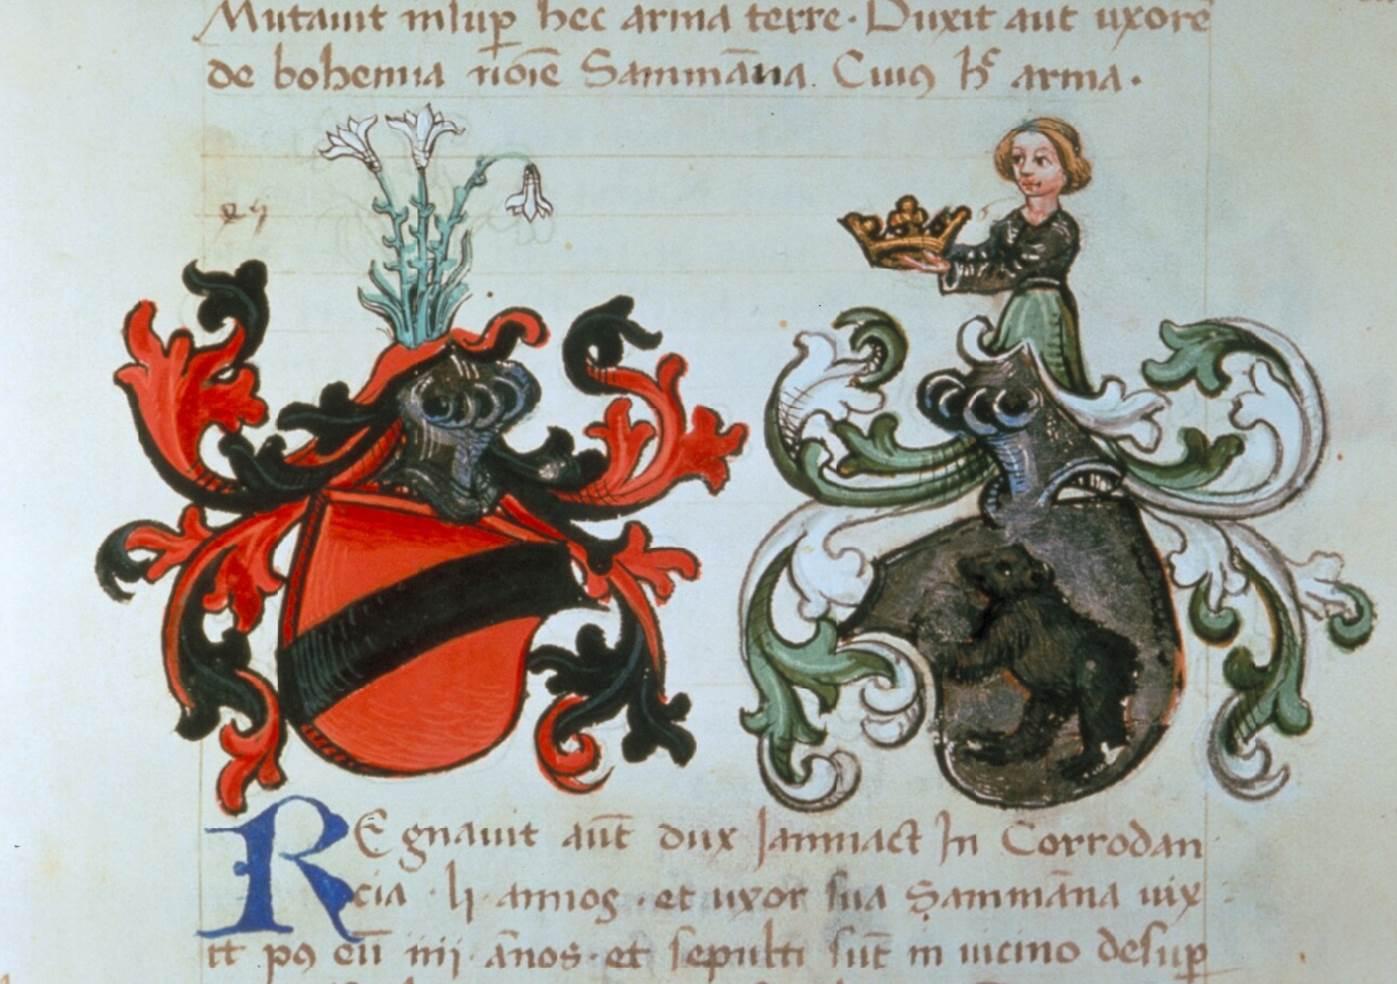 Heinrich von Gundelfingen. Österreichische Fürstenchronik, cod. 516, fol. 17v, ÖNB, Wien, 2. H. 15. Jh.